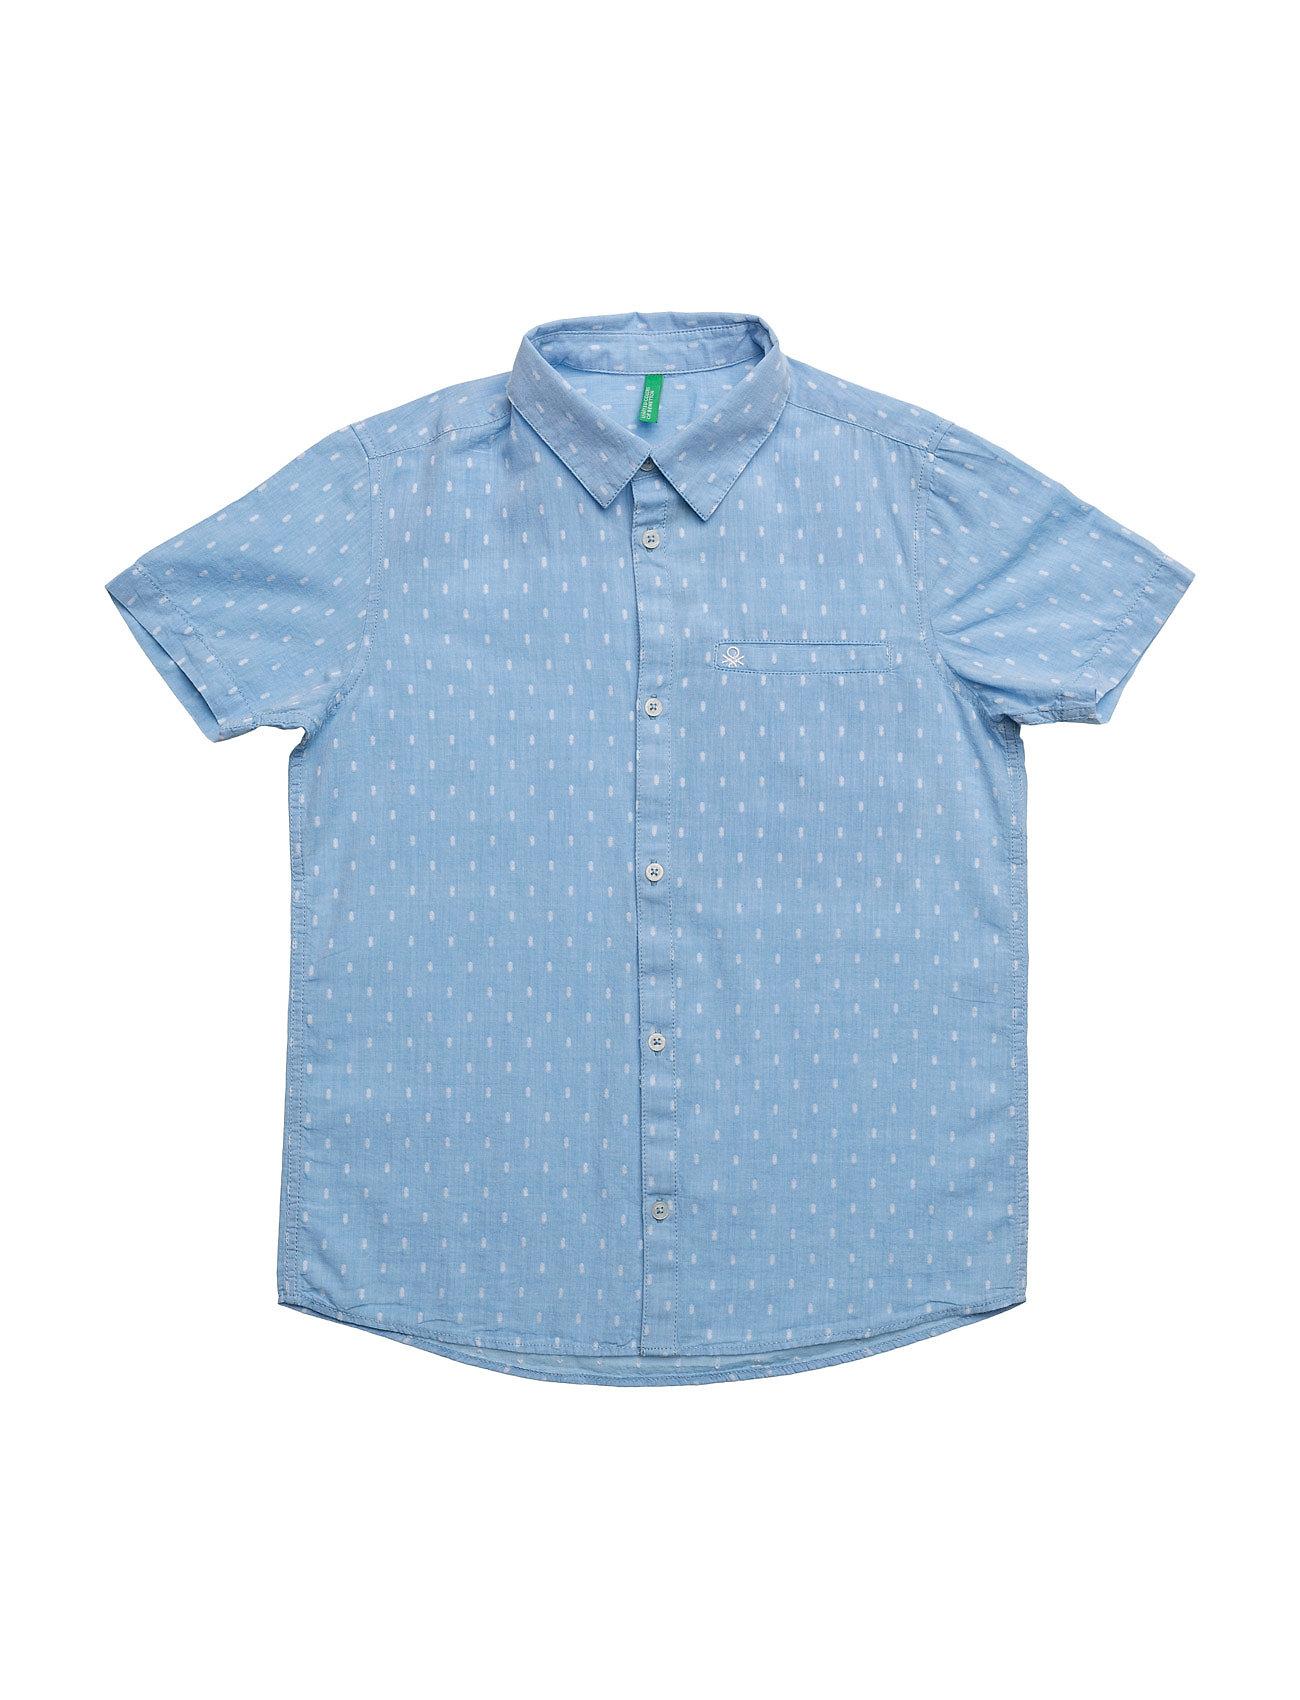 Shirt United Colors of Benetton Kortærmede t-shirts til Børn i